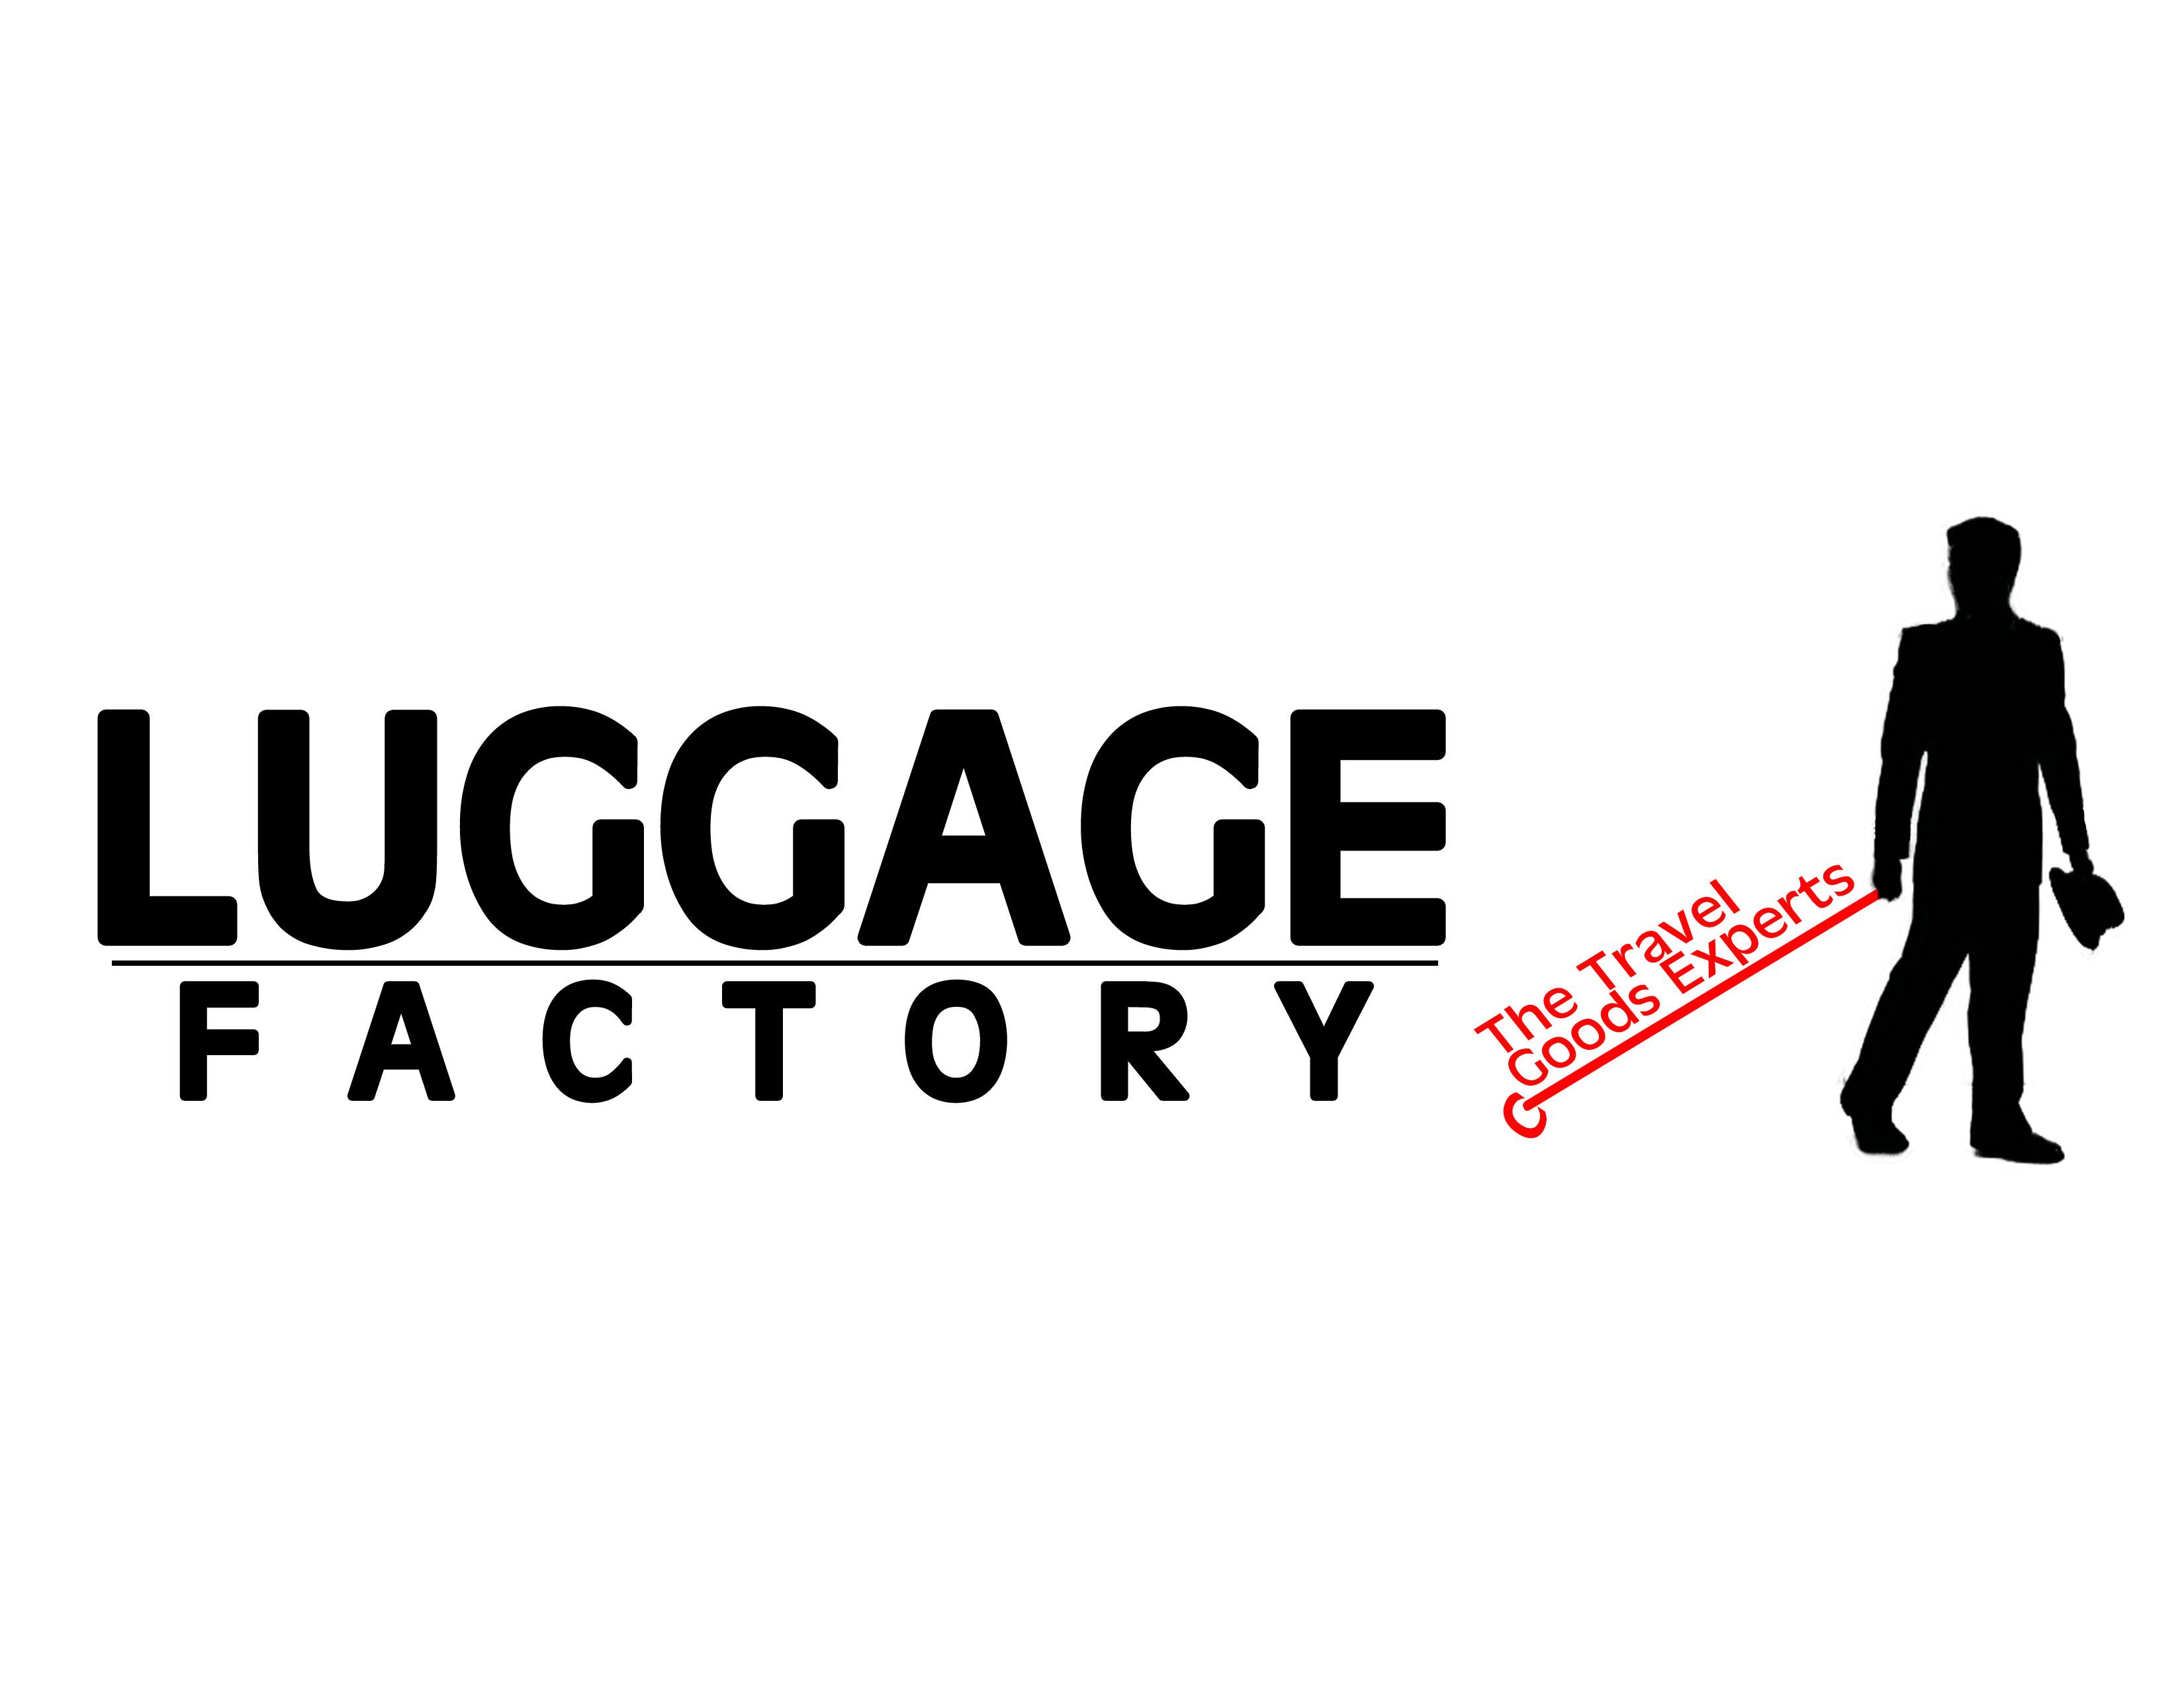 Logo Design by Kathrina Arceta - Entry No. 67 in the Logo Design Contest Creative Logo Design for Luggage Factory.